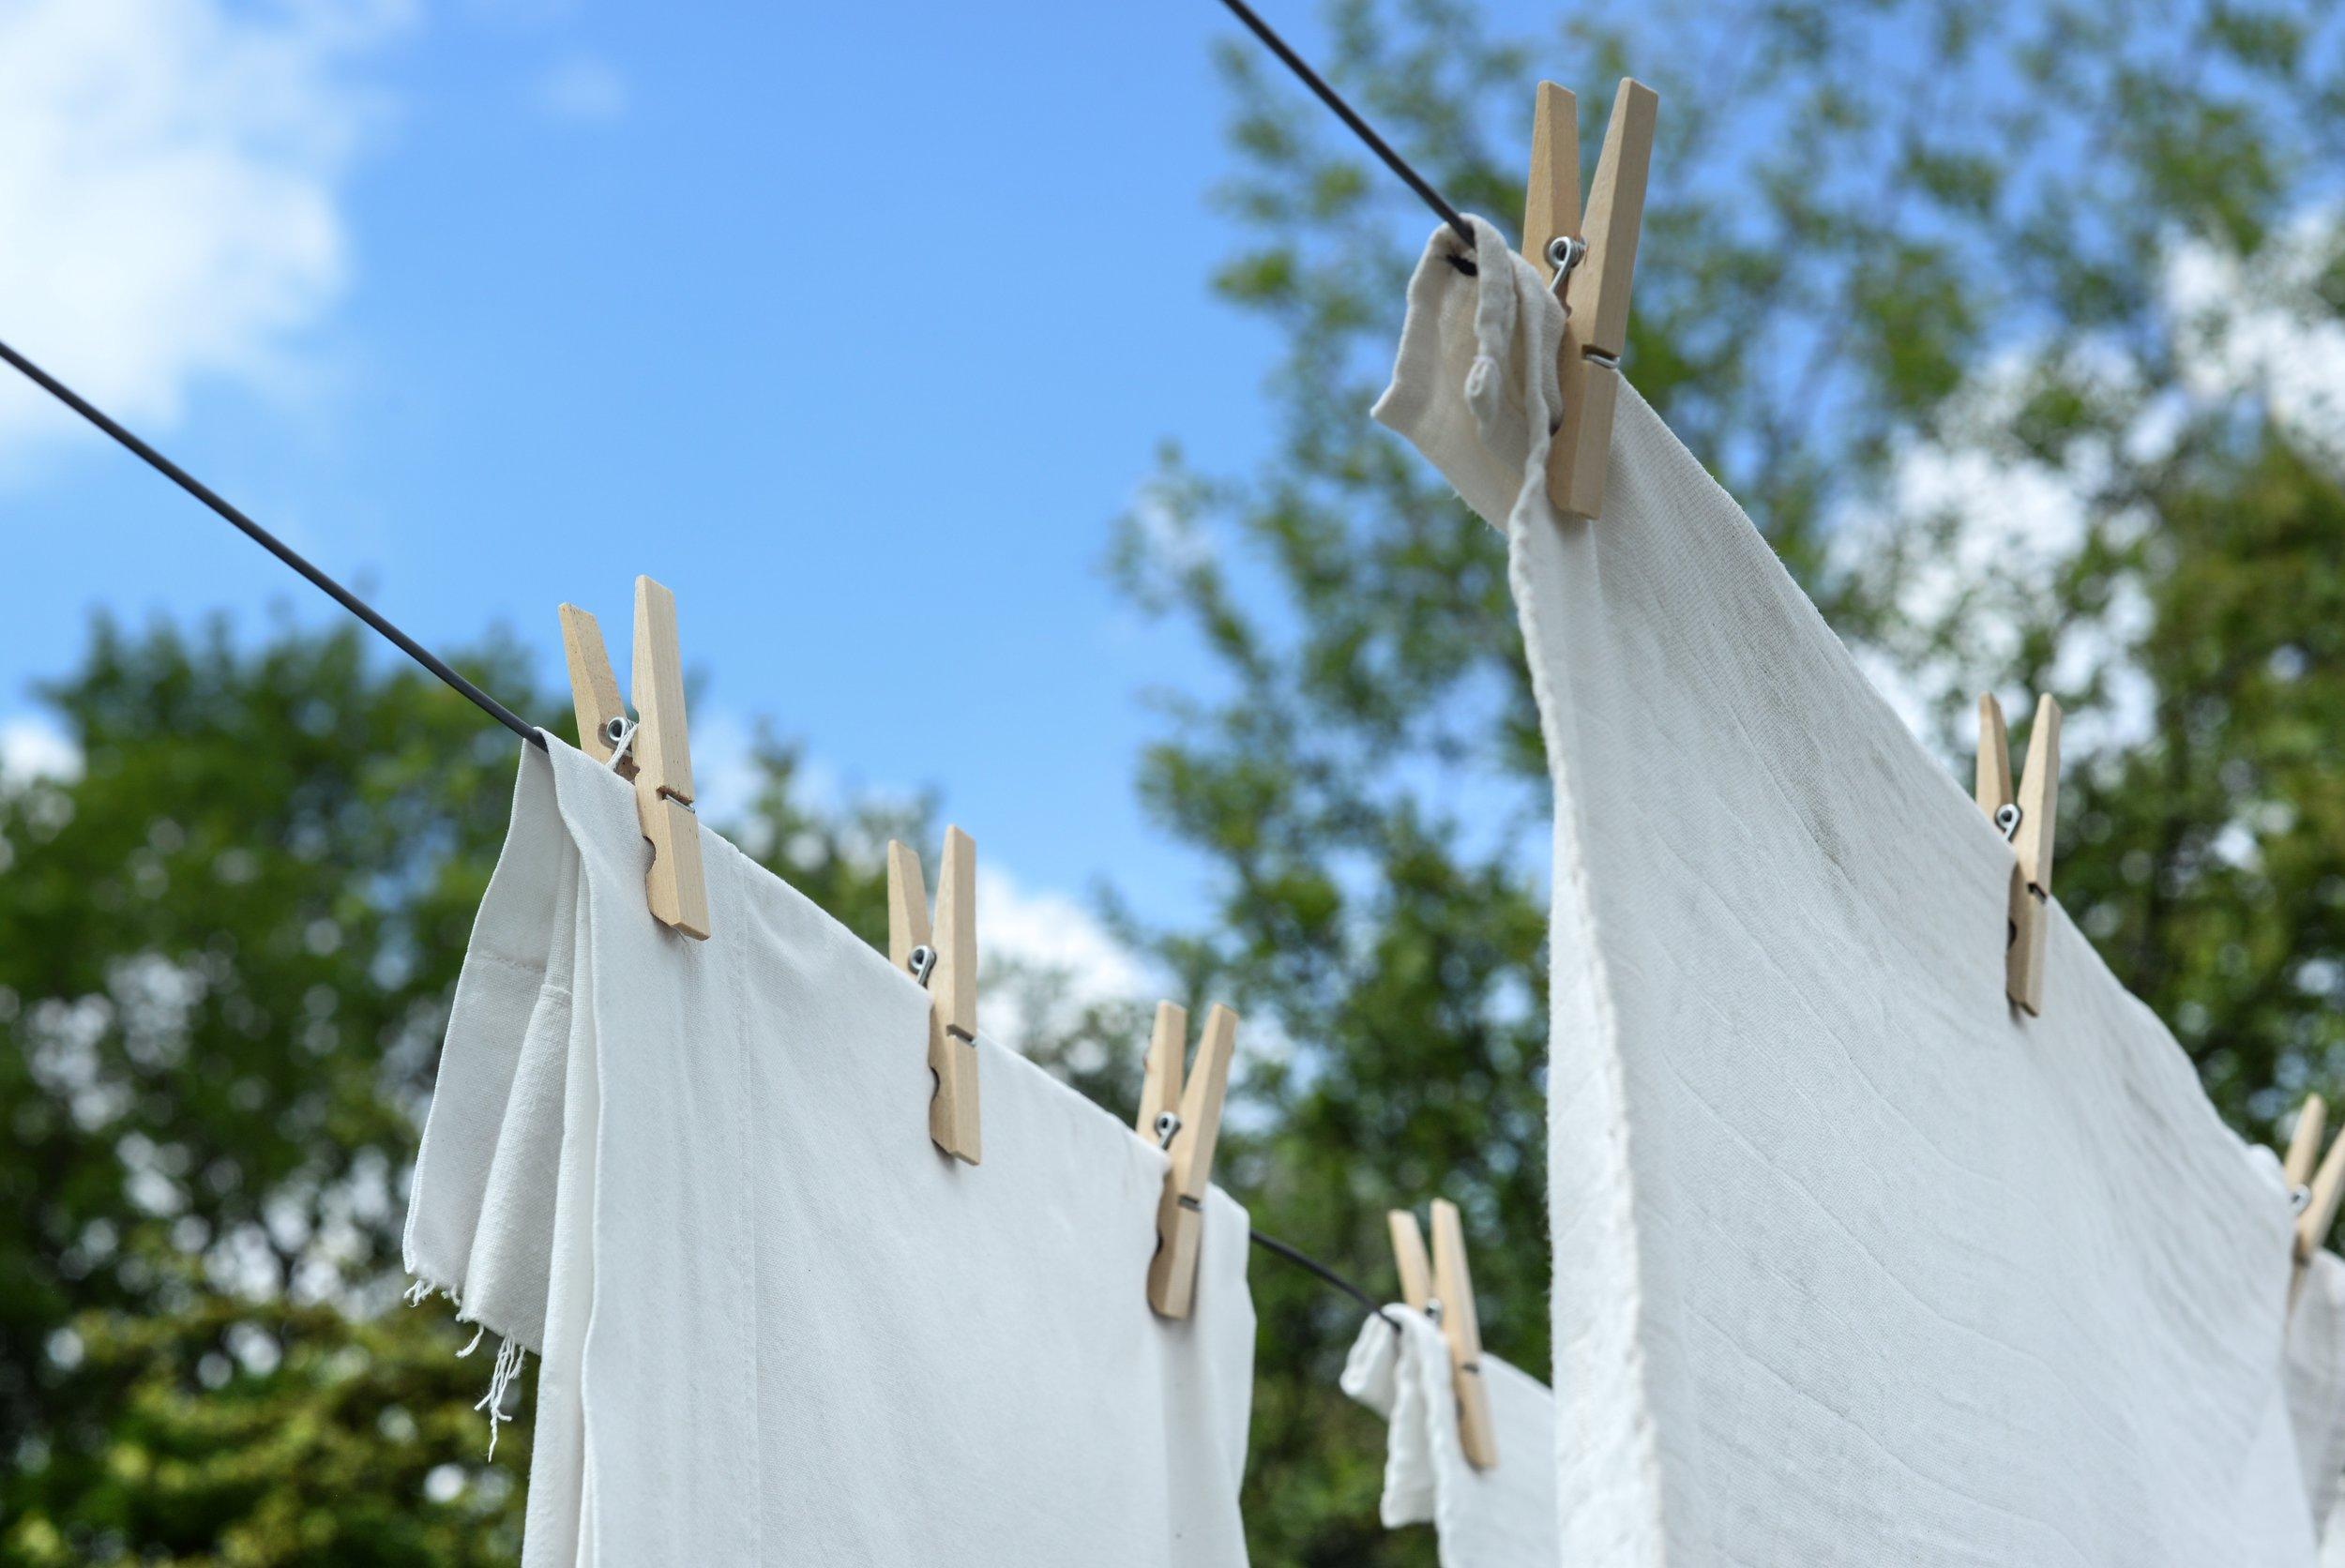 close-up-clothes-clothesline-1122167.jpg